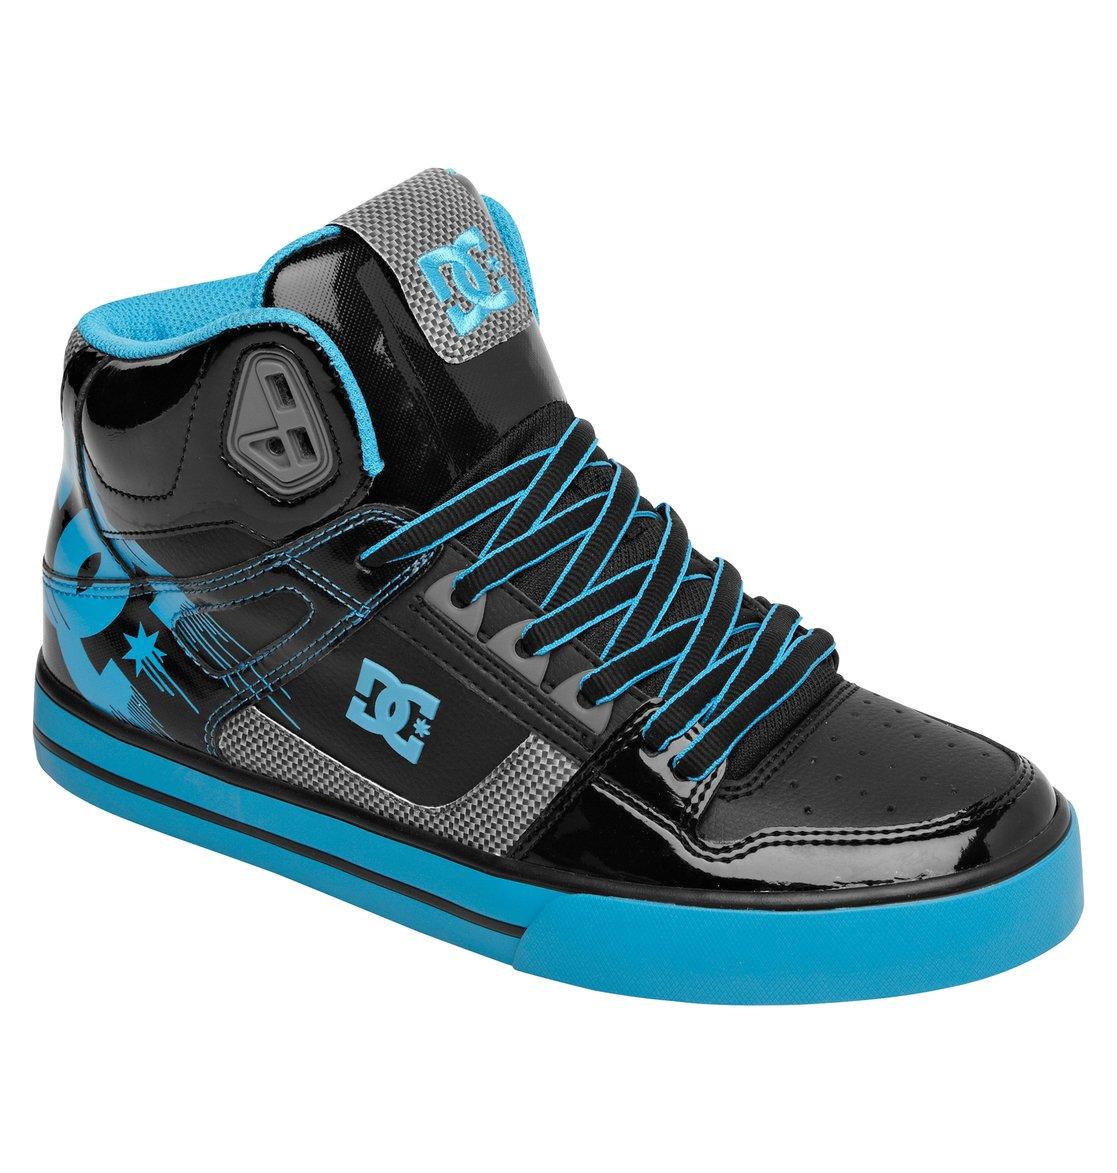 8d70cd3c9929e 1 Men s SPARTAN HIGH WC Robbie Maddison Shoes ADYS400010 DC Shoes